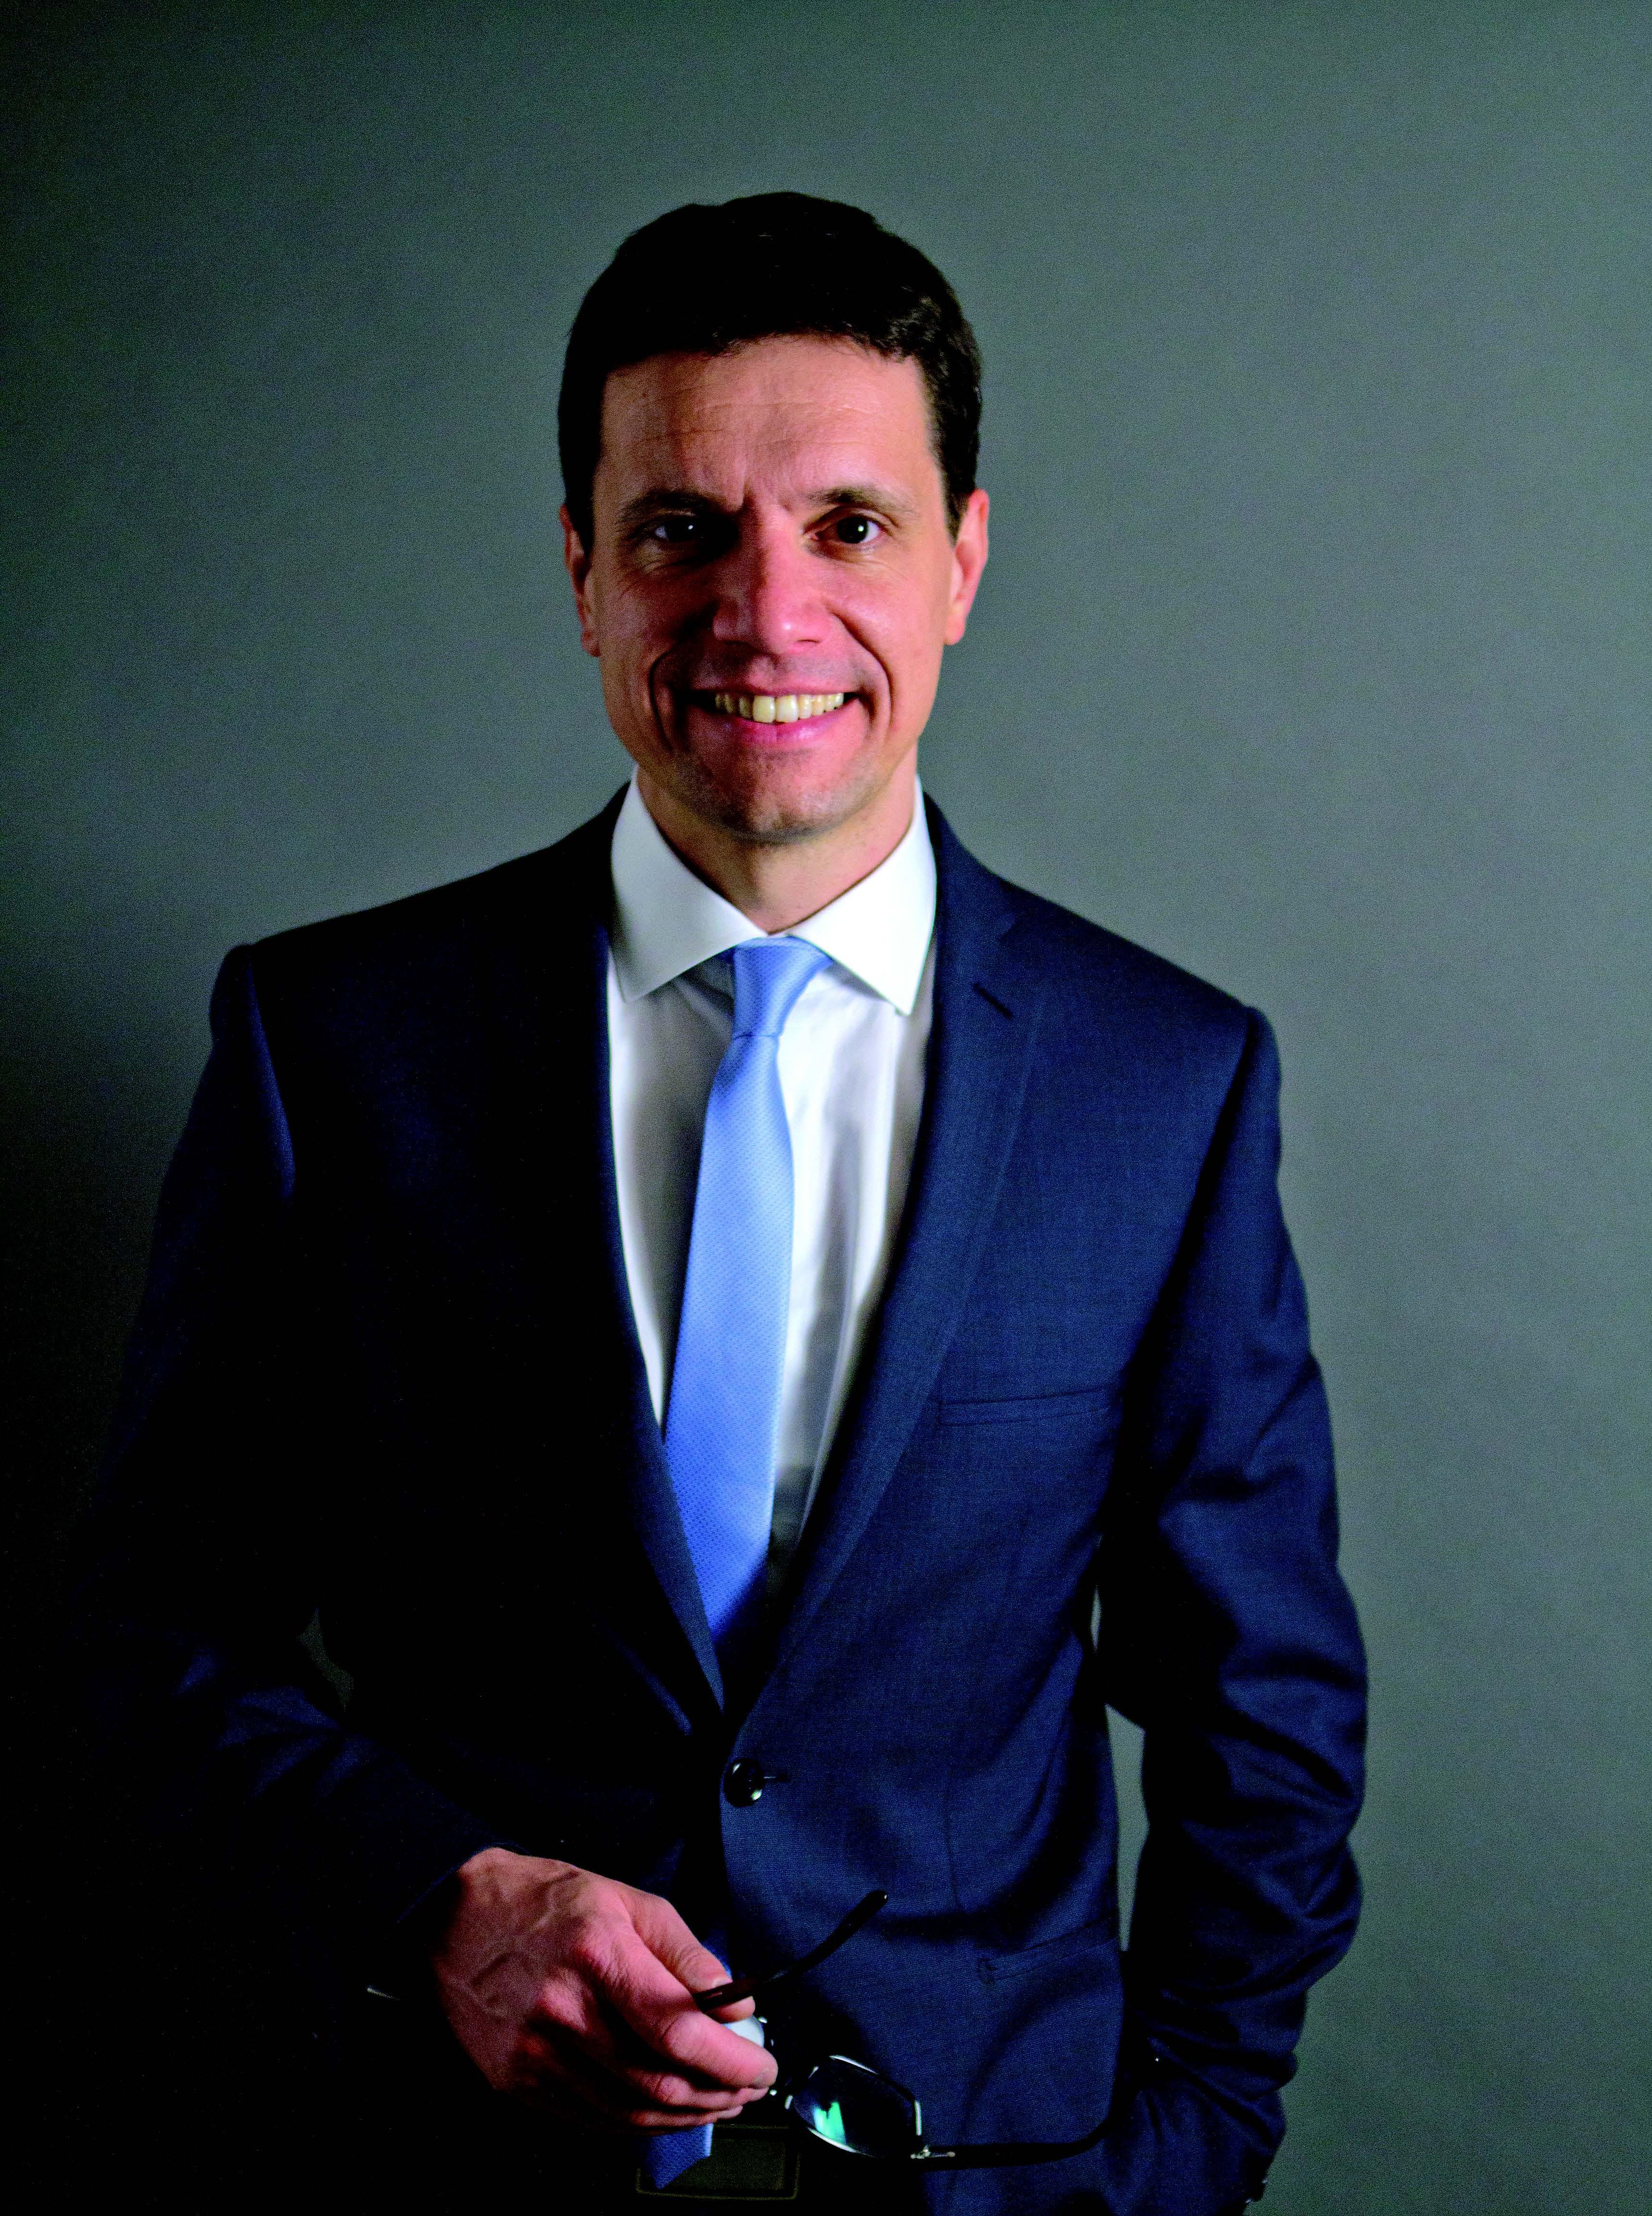 Thomas Silvie, Fondateur de Back of the House, agence de conseil en expérience client spécialisée sur l'hôtellerie et la restauration